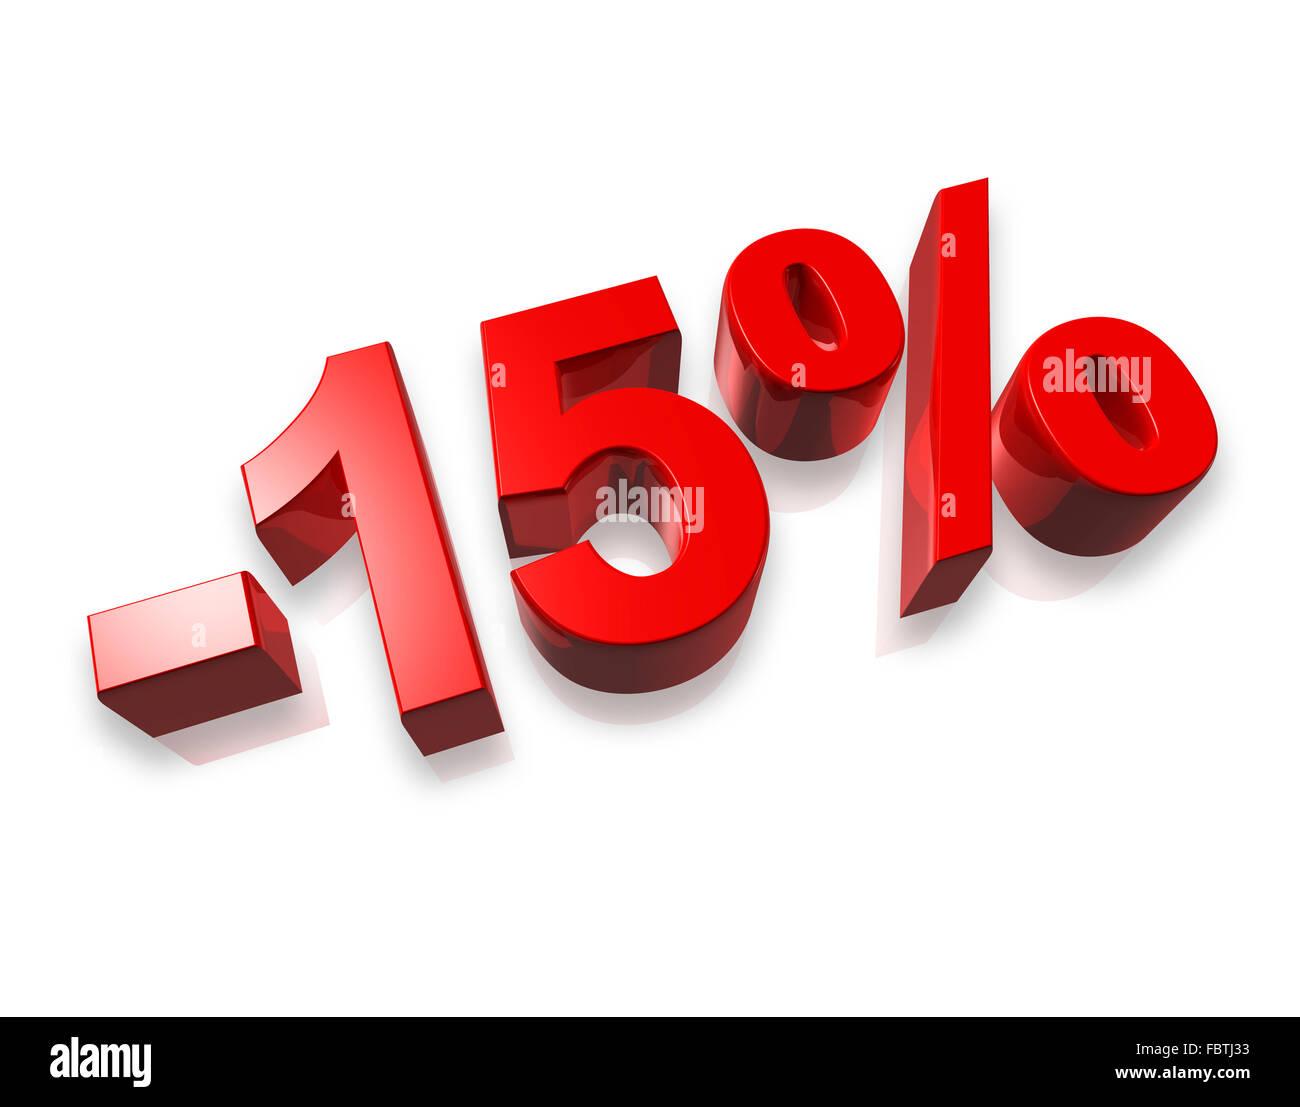 15% 15% Imagen De Stock